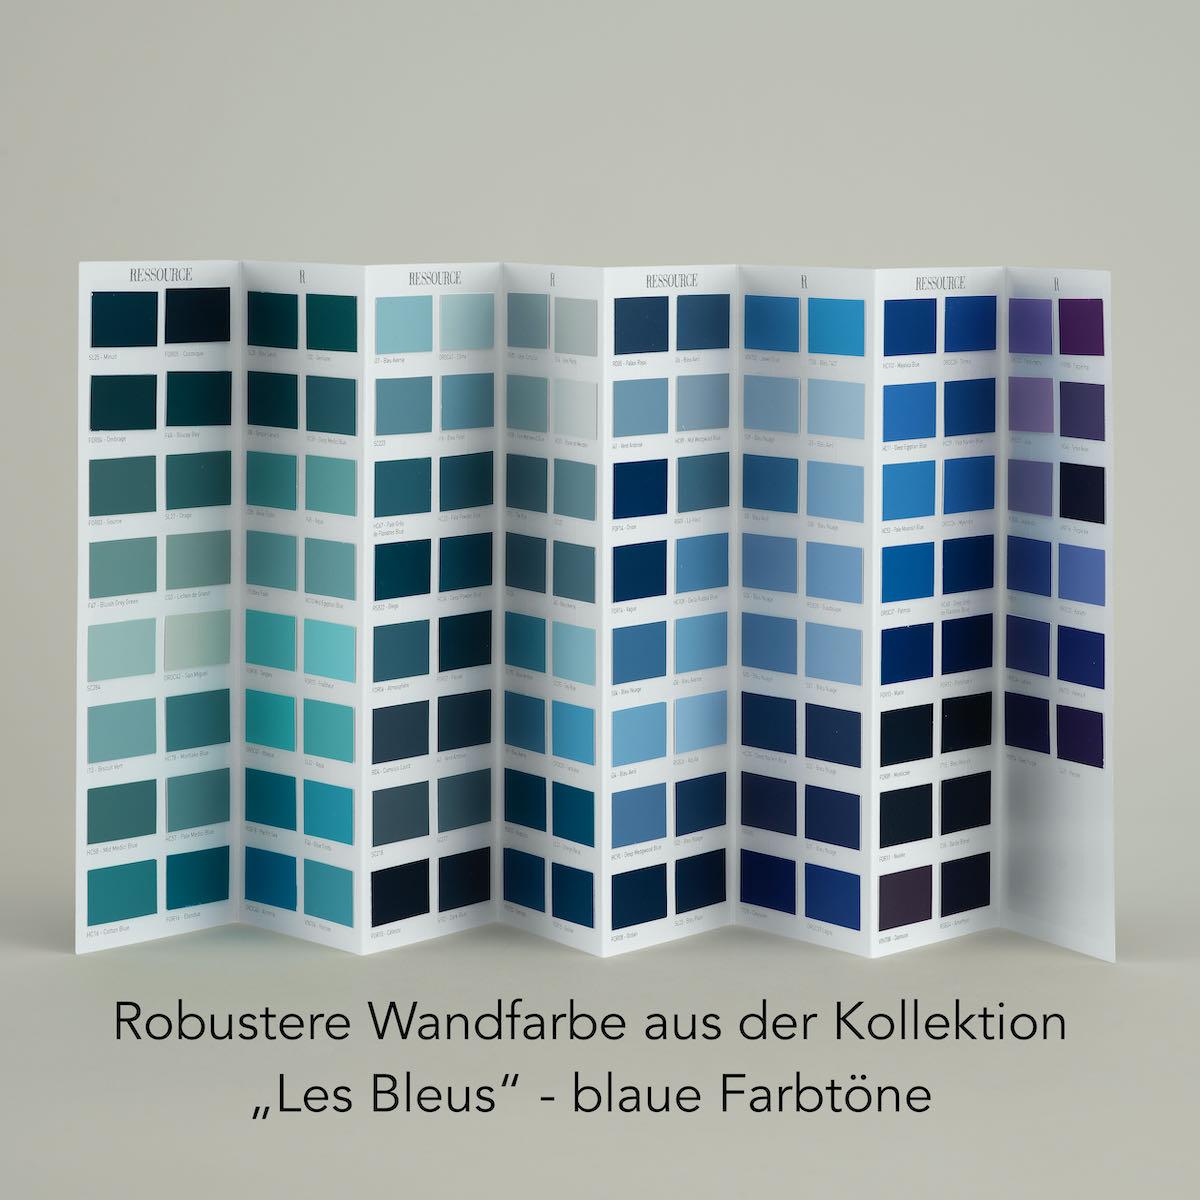 Blaue Farbtöne Ressource